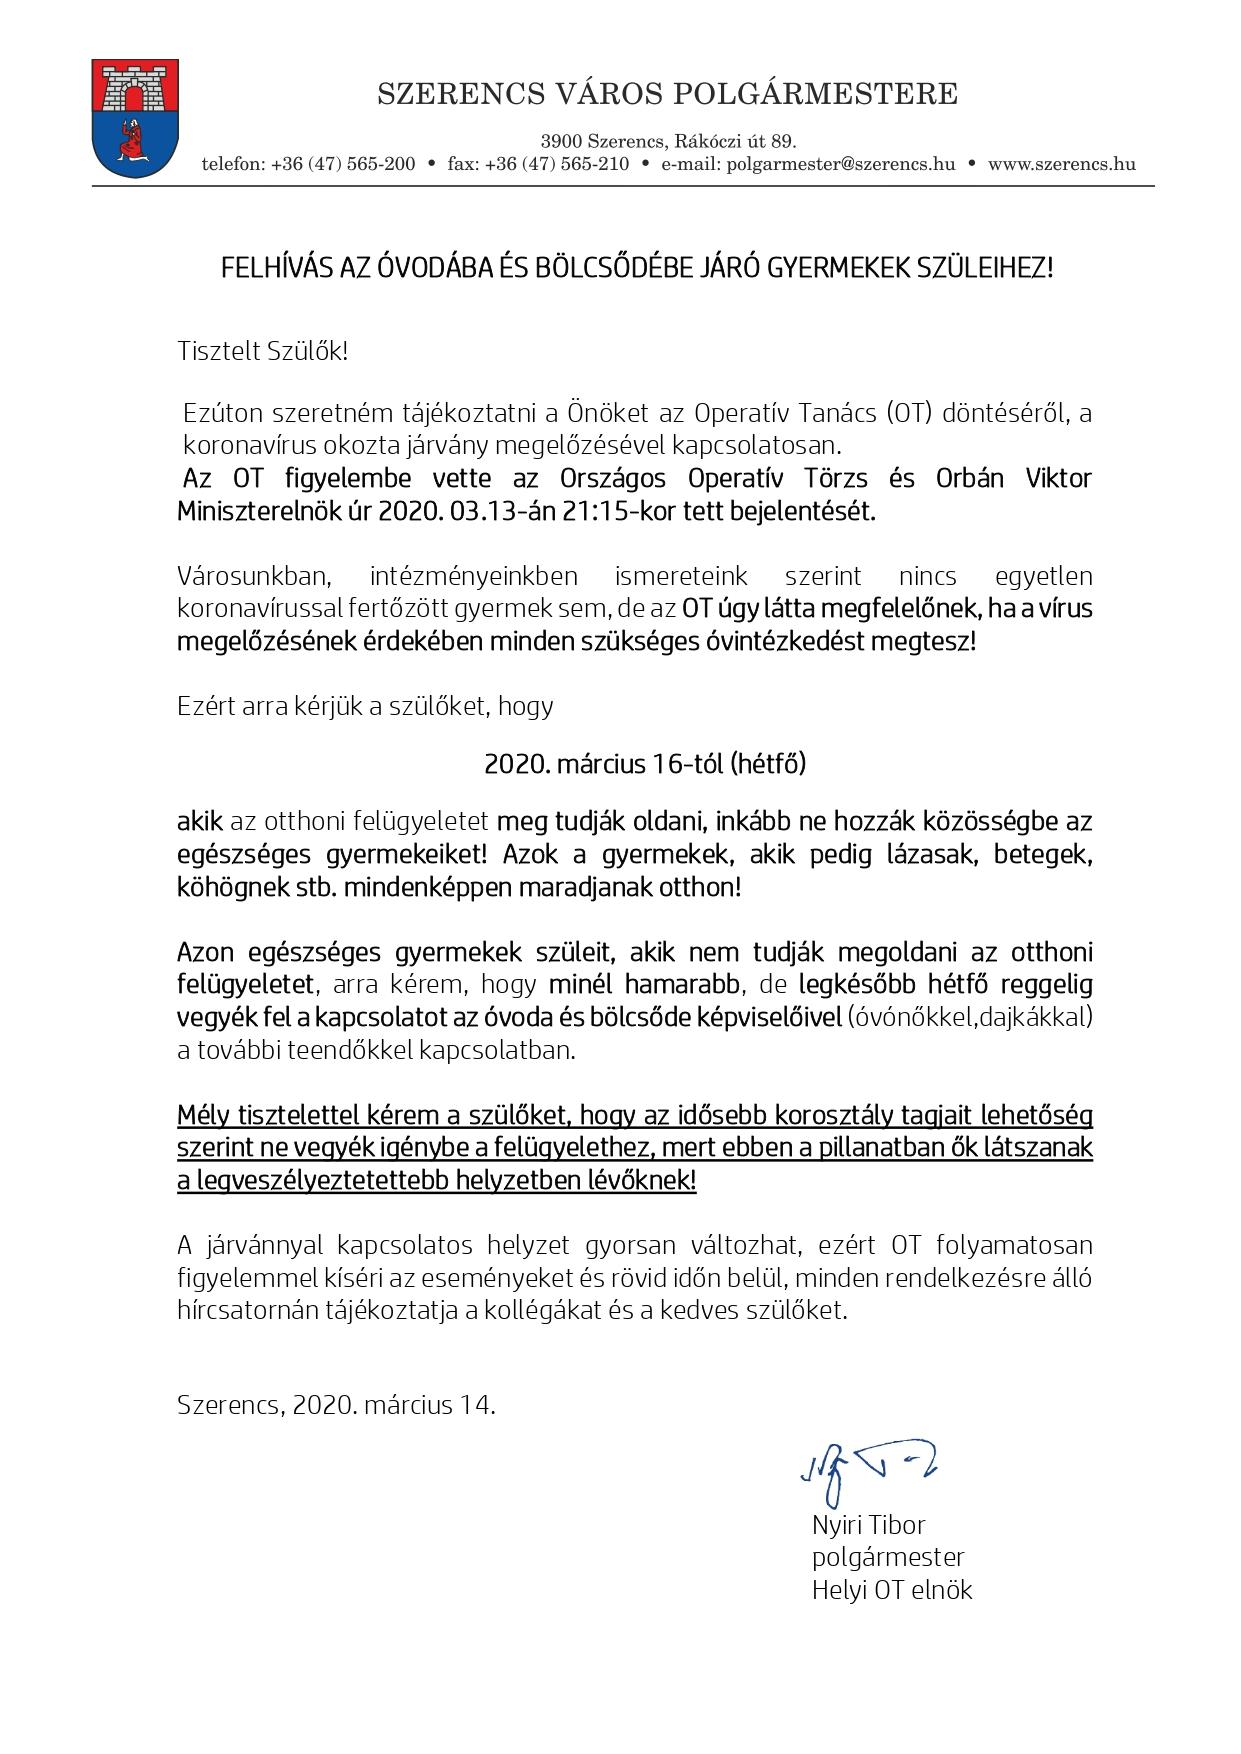 Operatív Tanács 2. felhívás